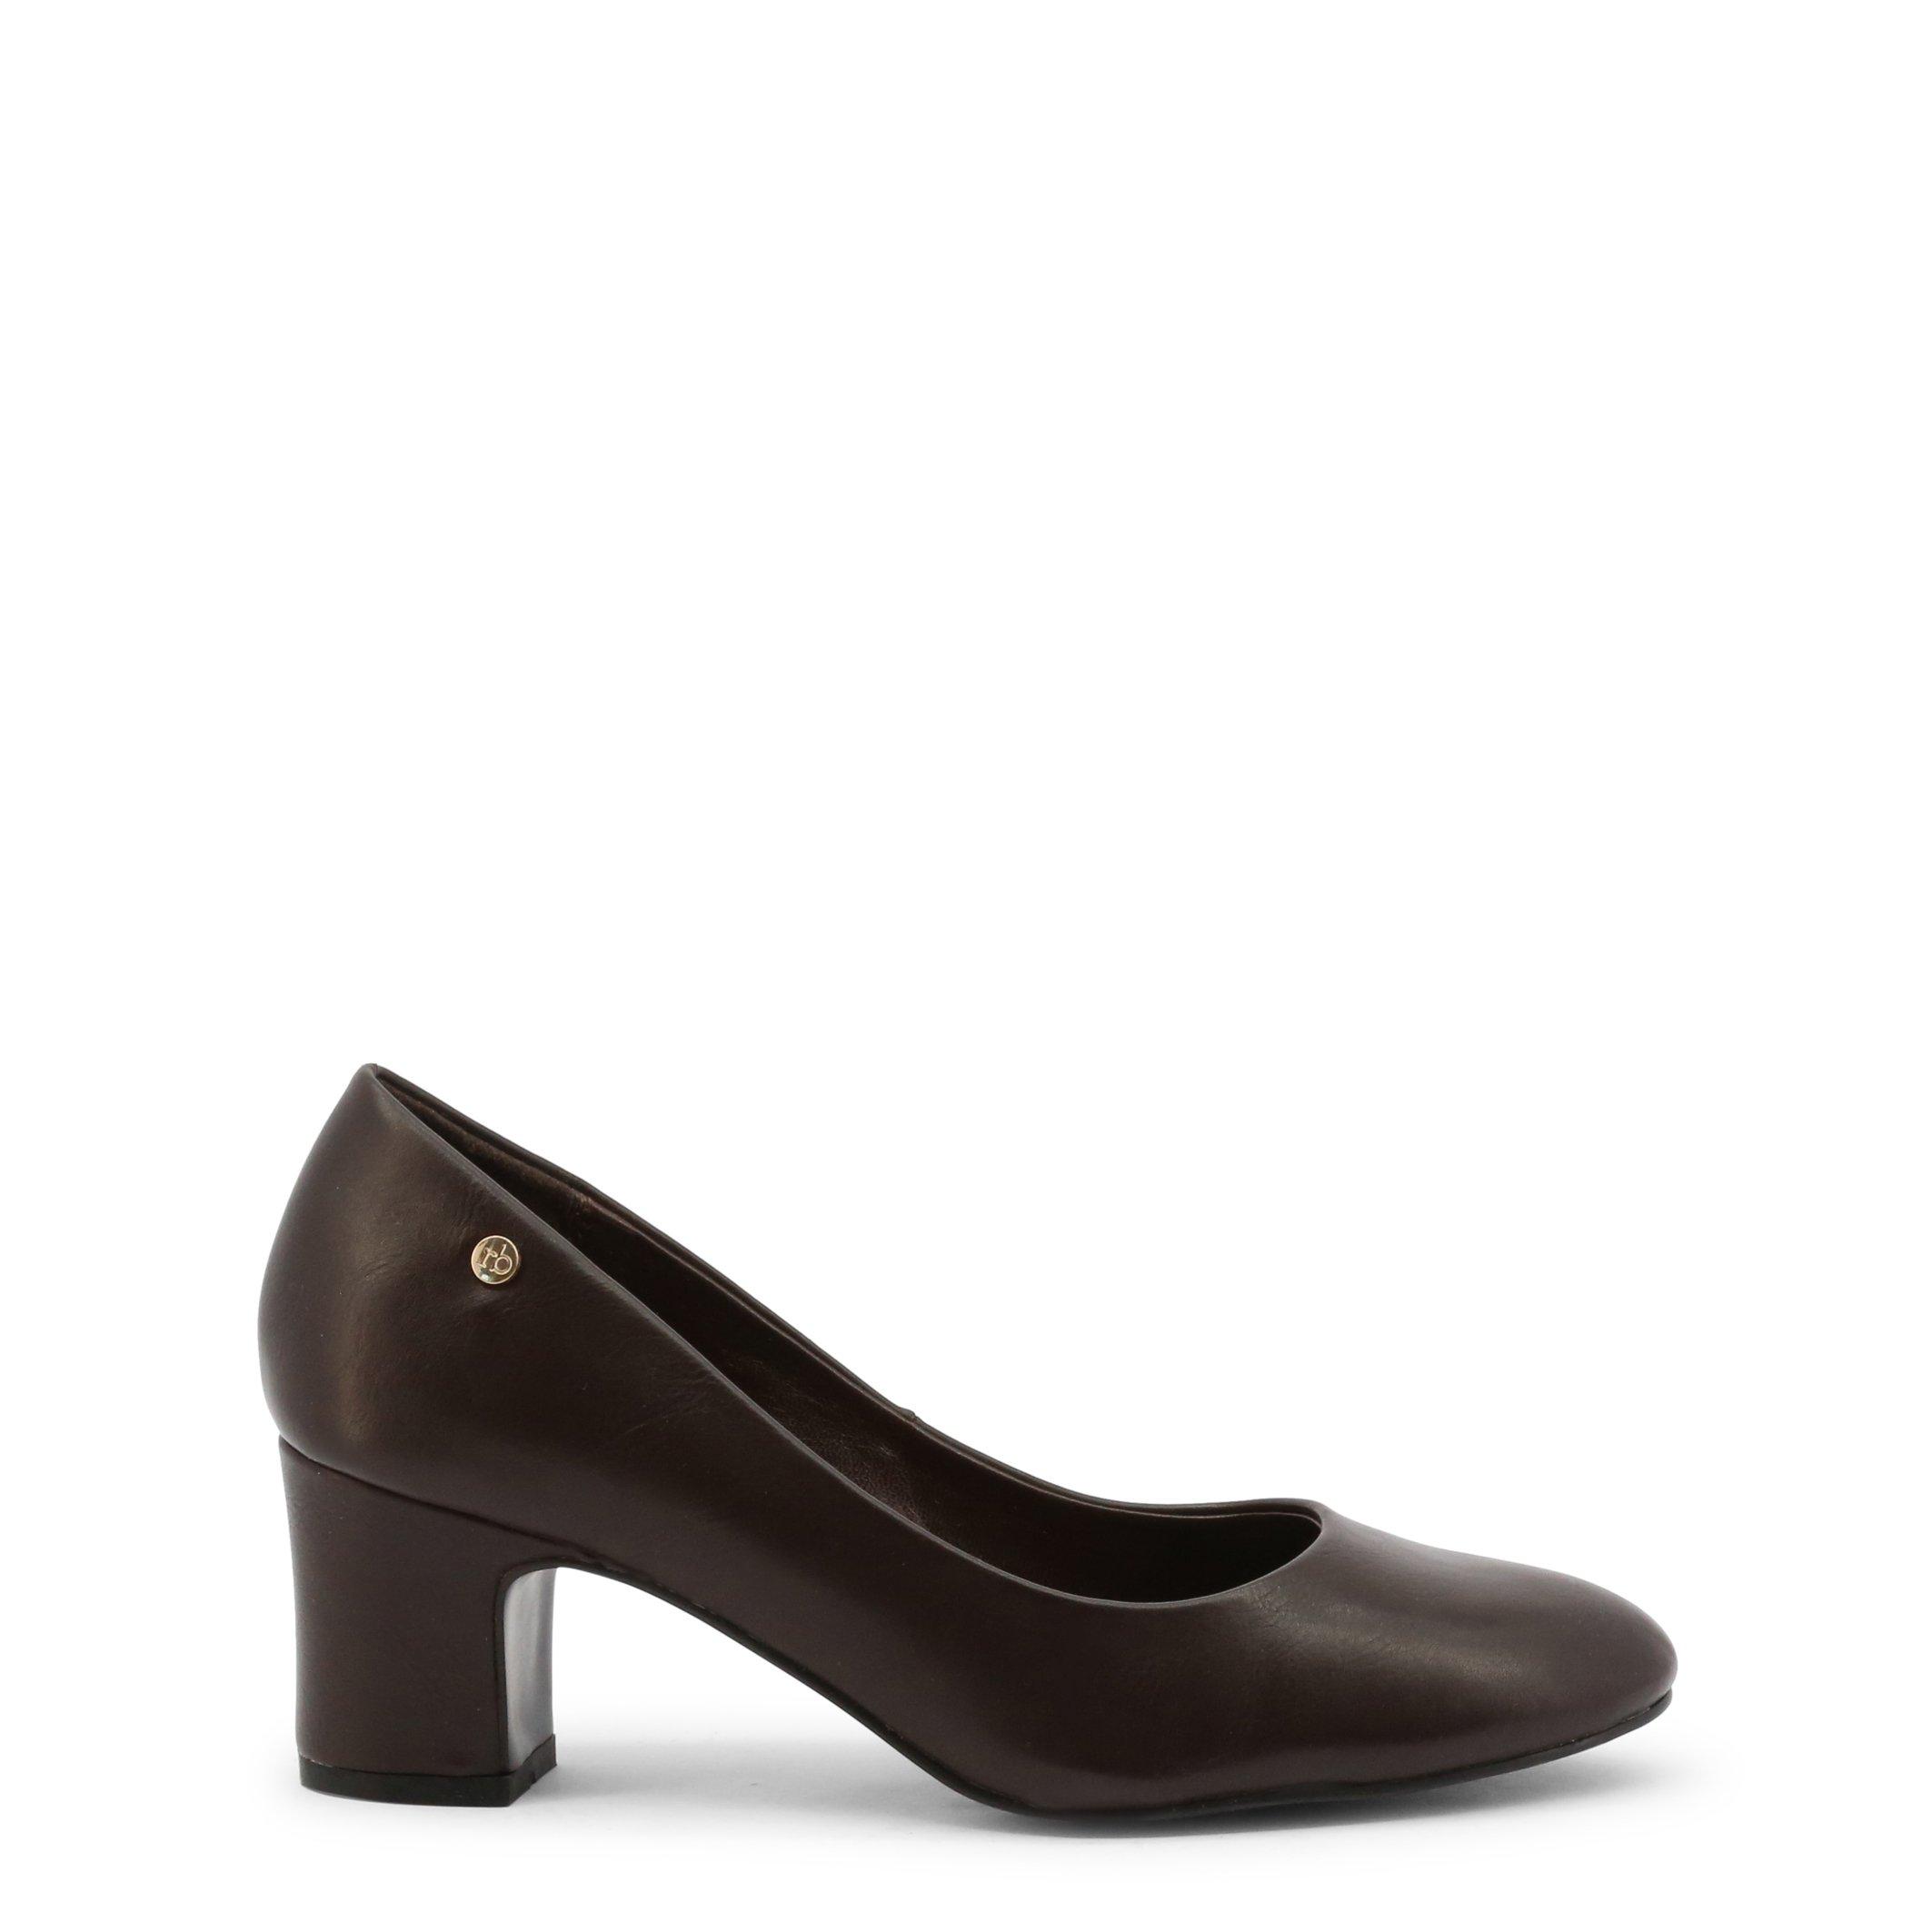 Roccobarocco Women's Heel Brown RBSC0VE01NAP - brown-1 EU 36